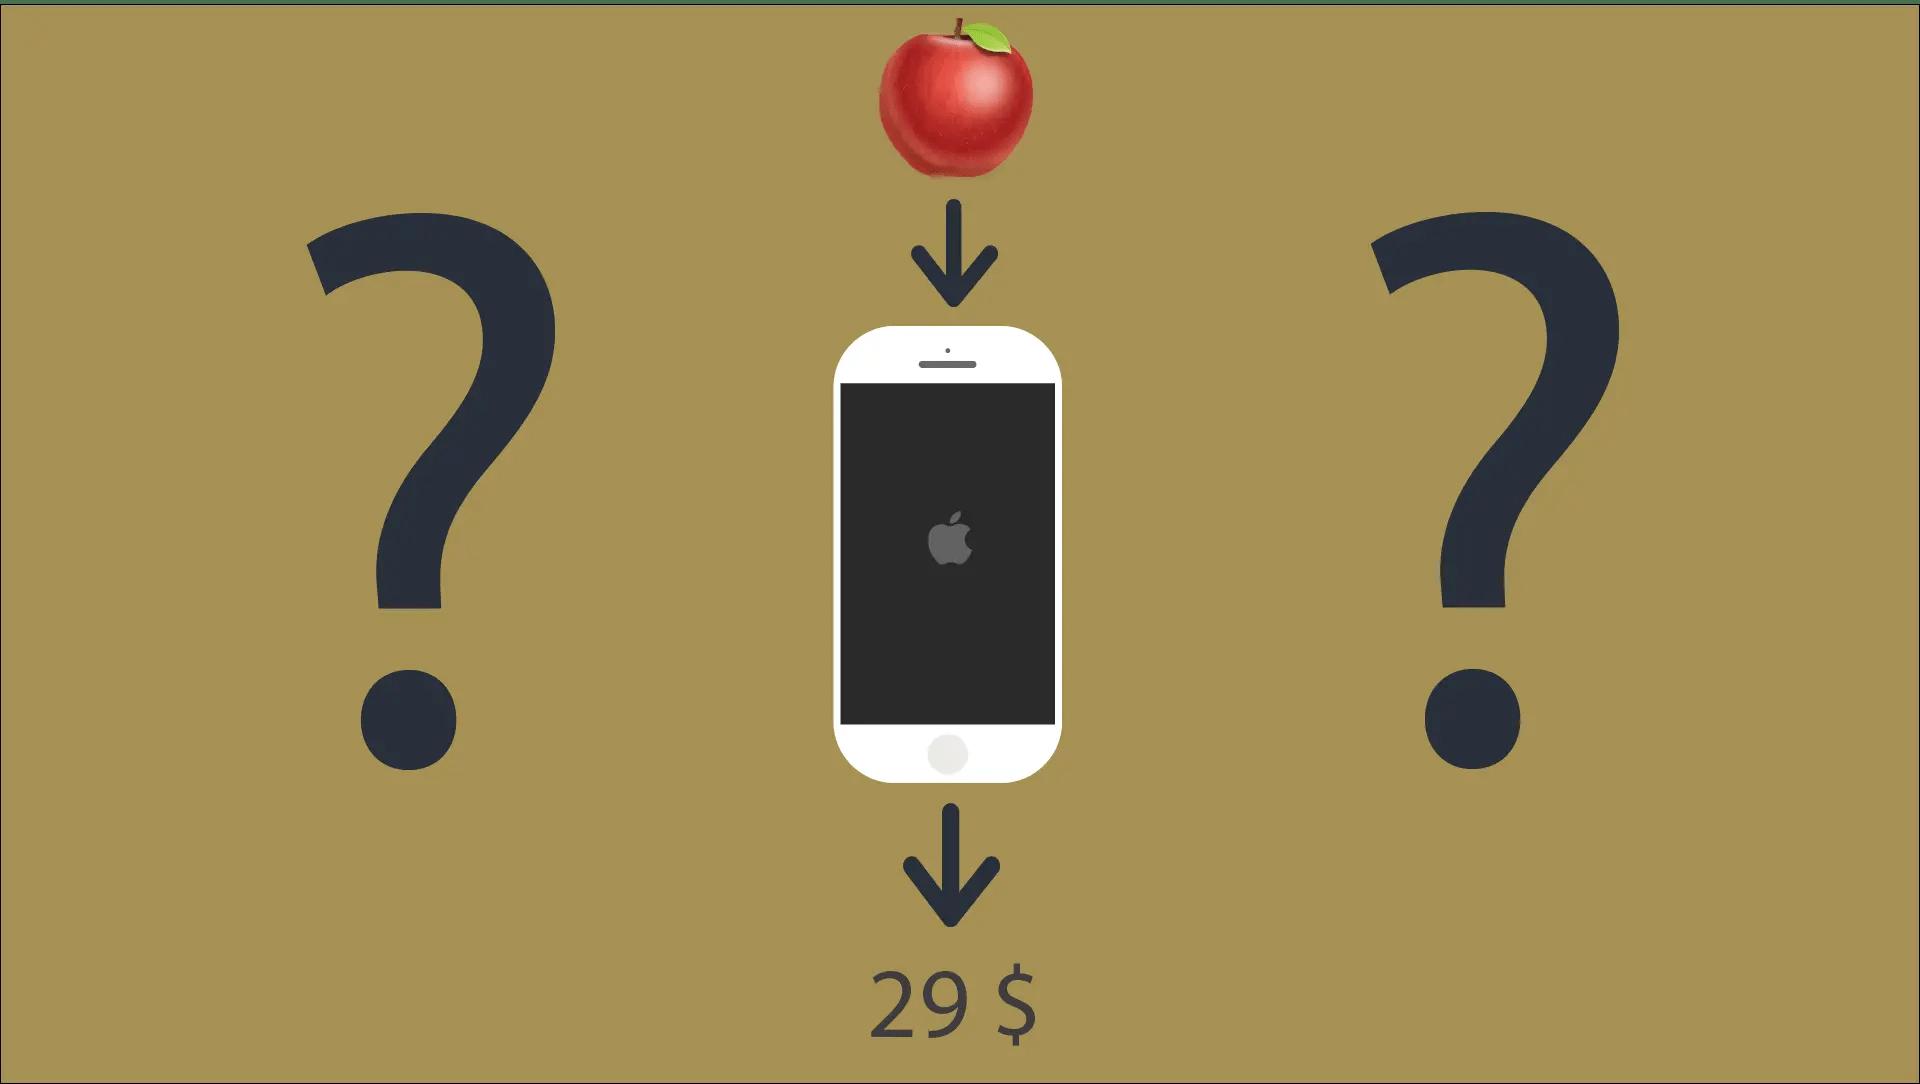 apple apology